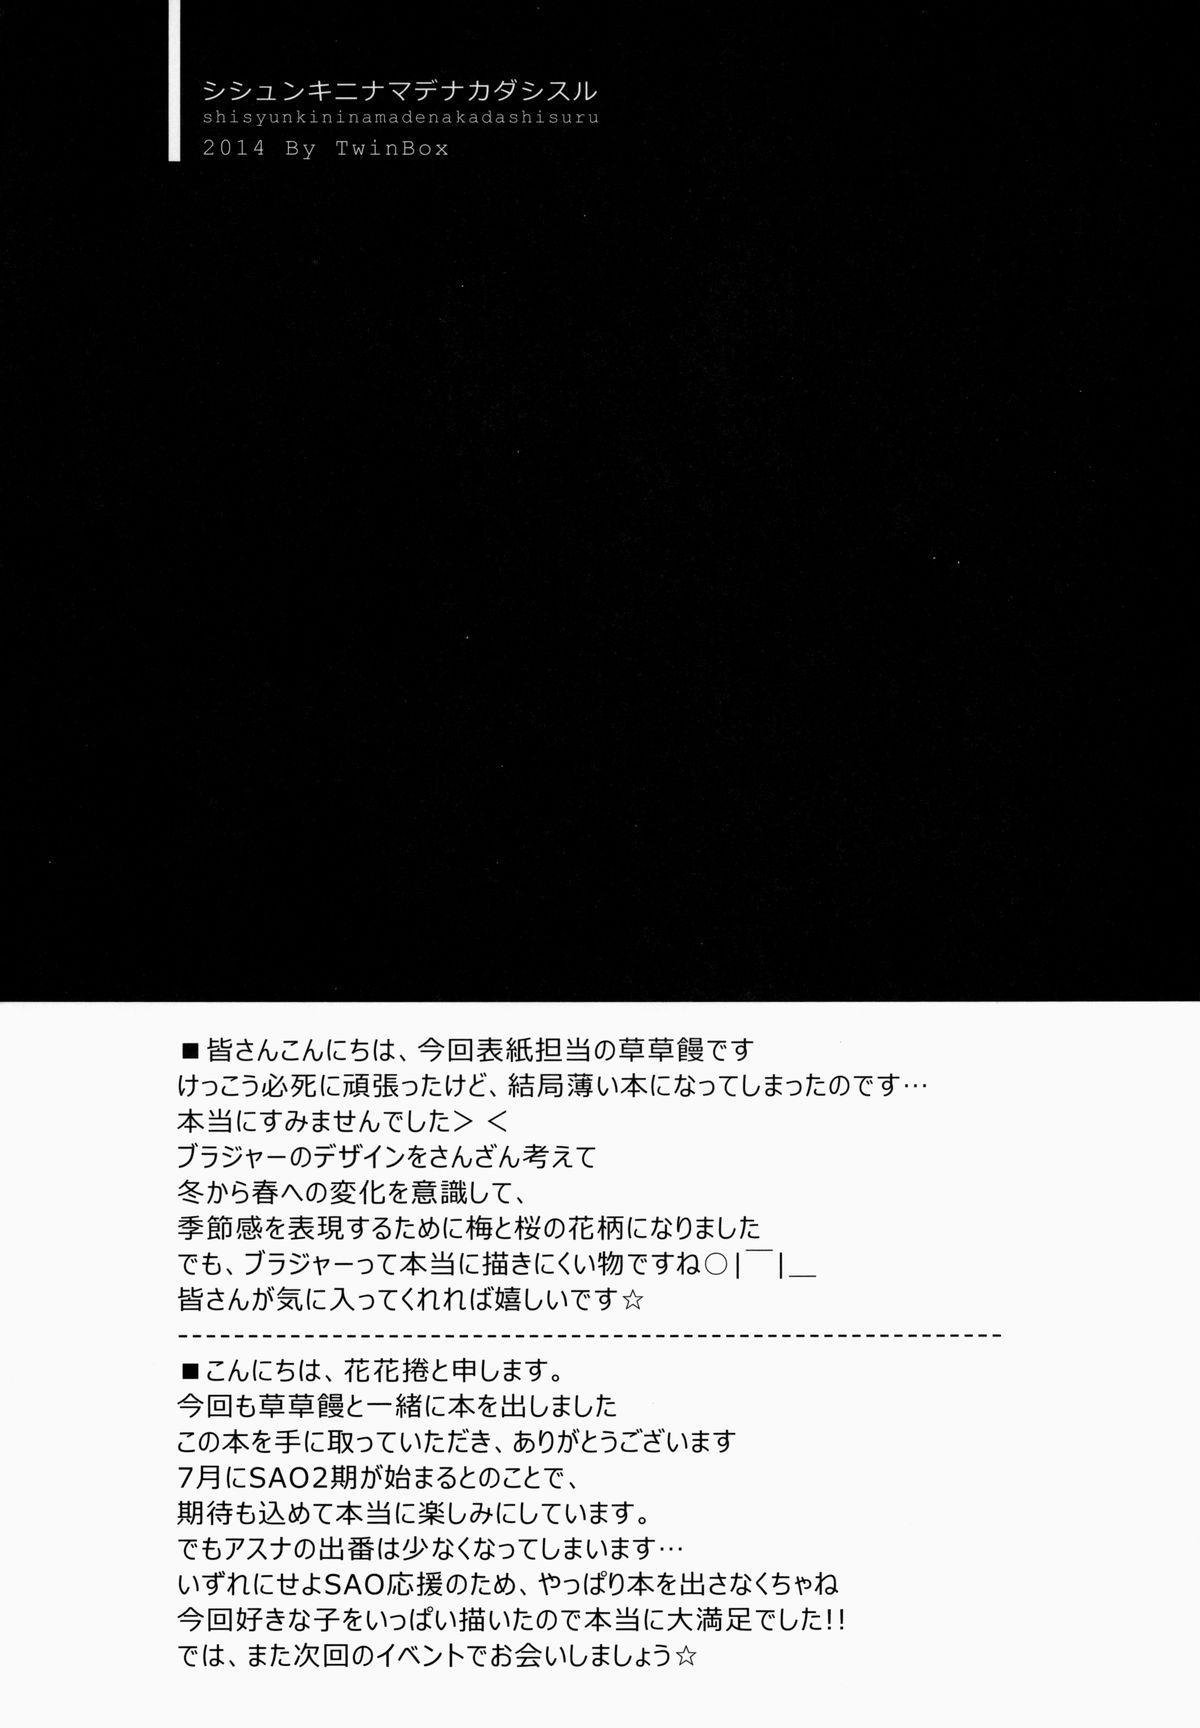 Shishunki ni Nama de Nakadashi suru. 15